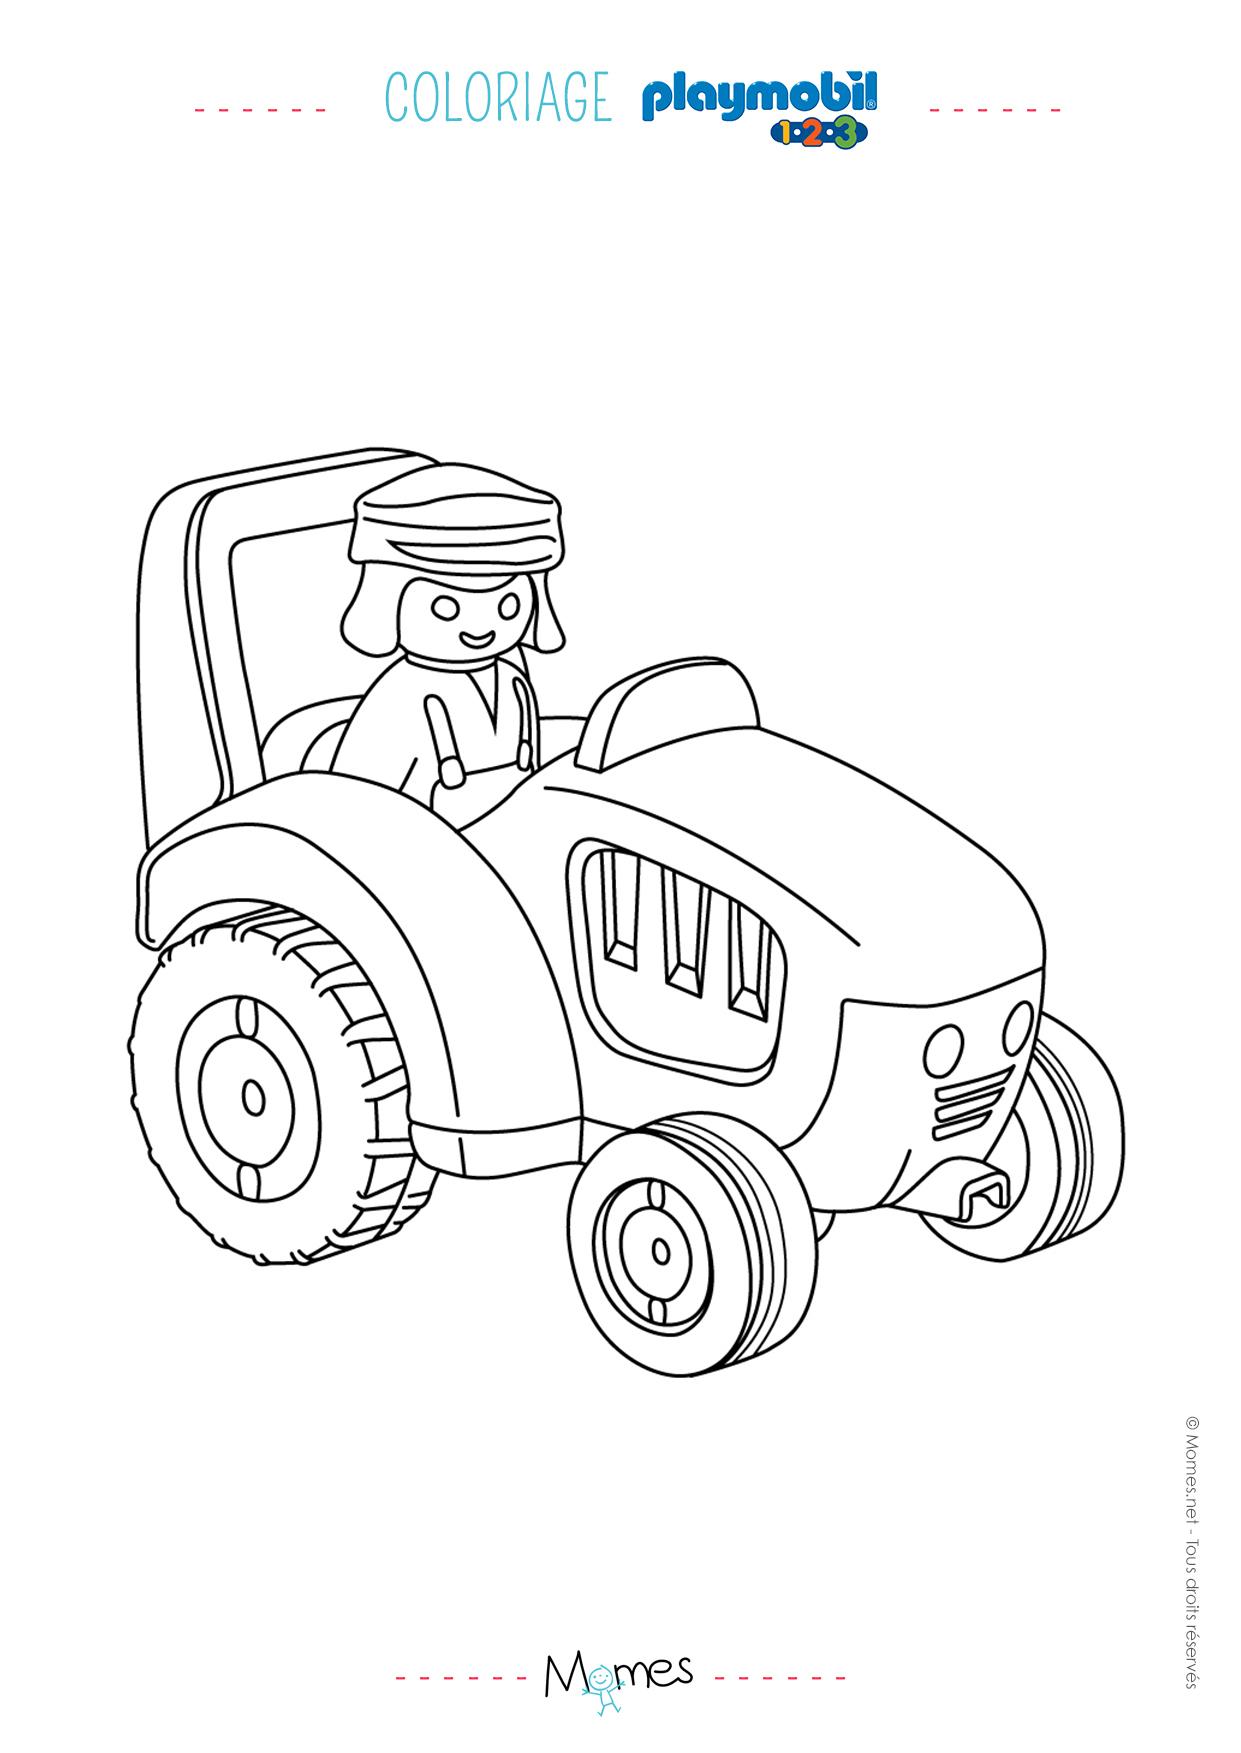 Coloriage le fermier et le tracteur de playmobil 123 - Coloriage colorier ...